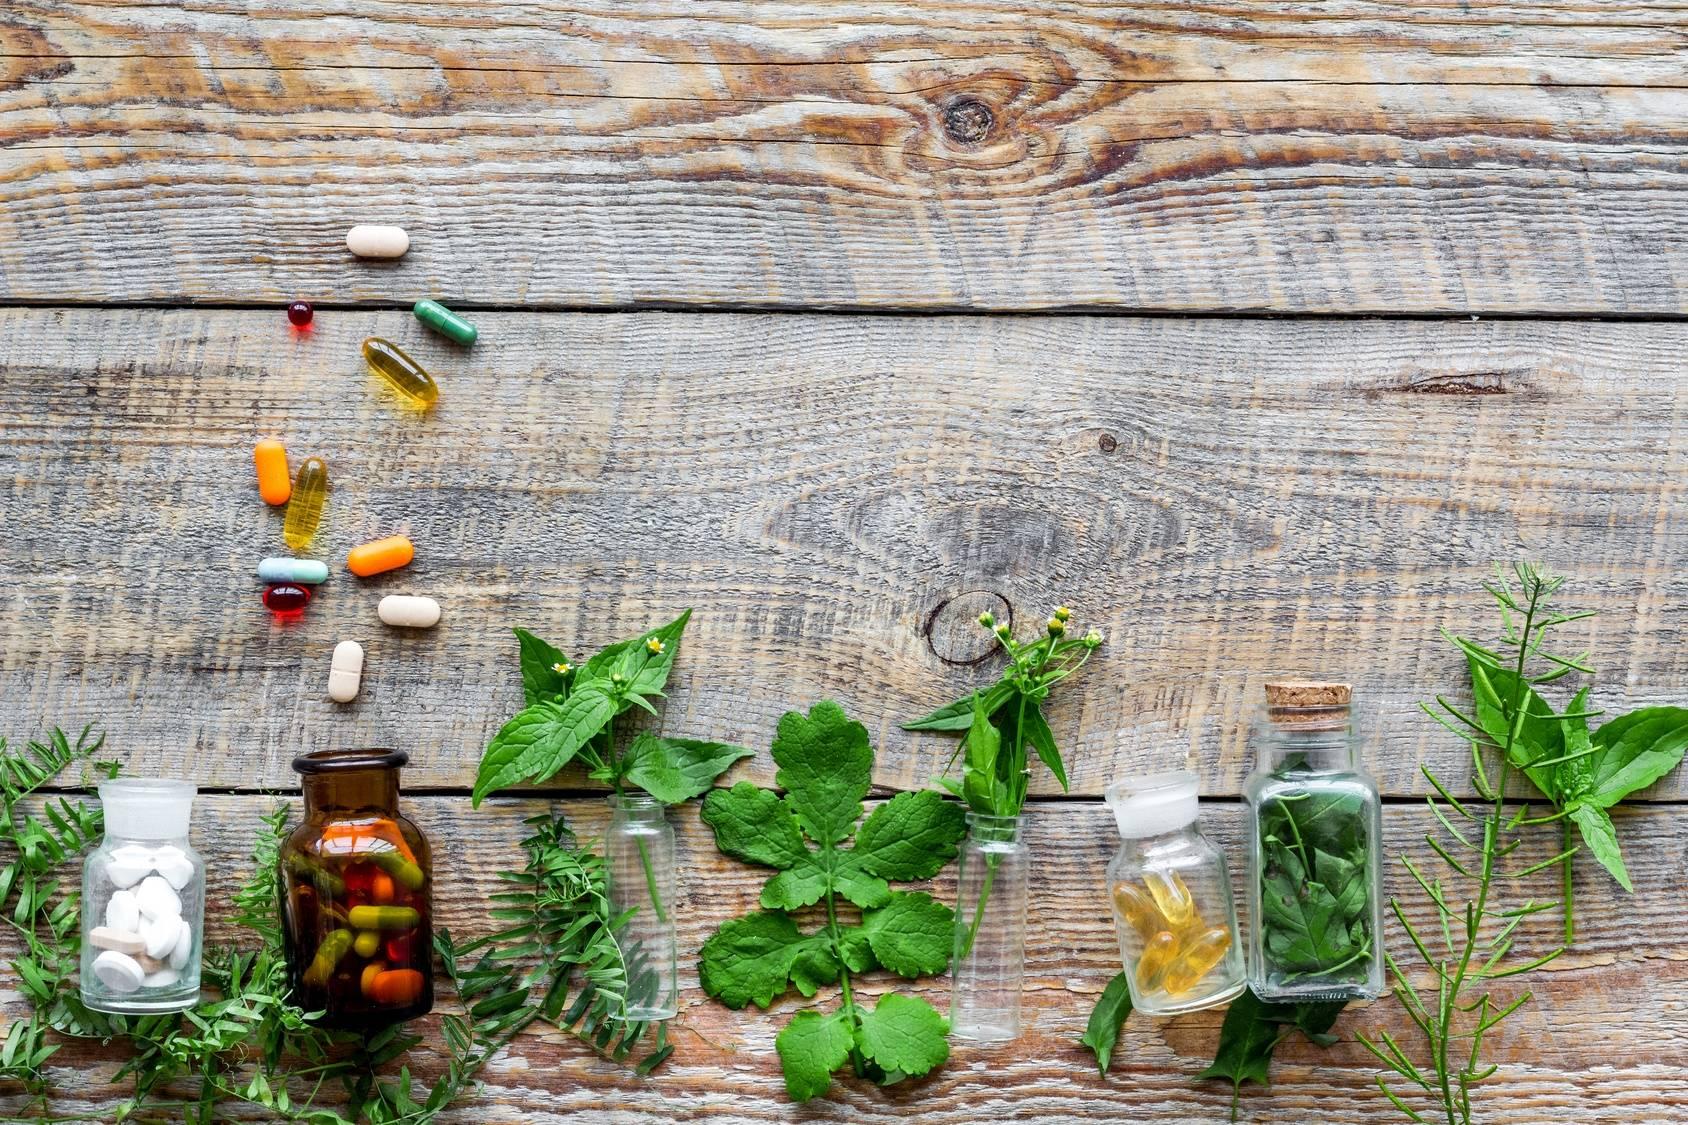 Ziołolecznictwo - leki ziołowe w medycynie chińskiej i europejskiej.